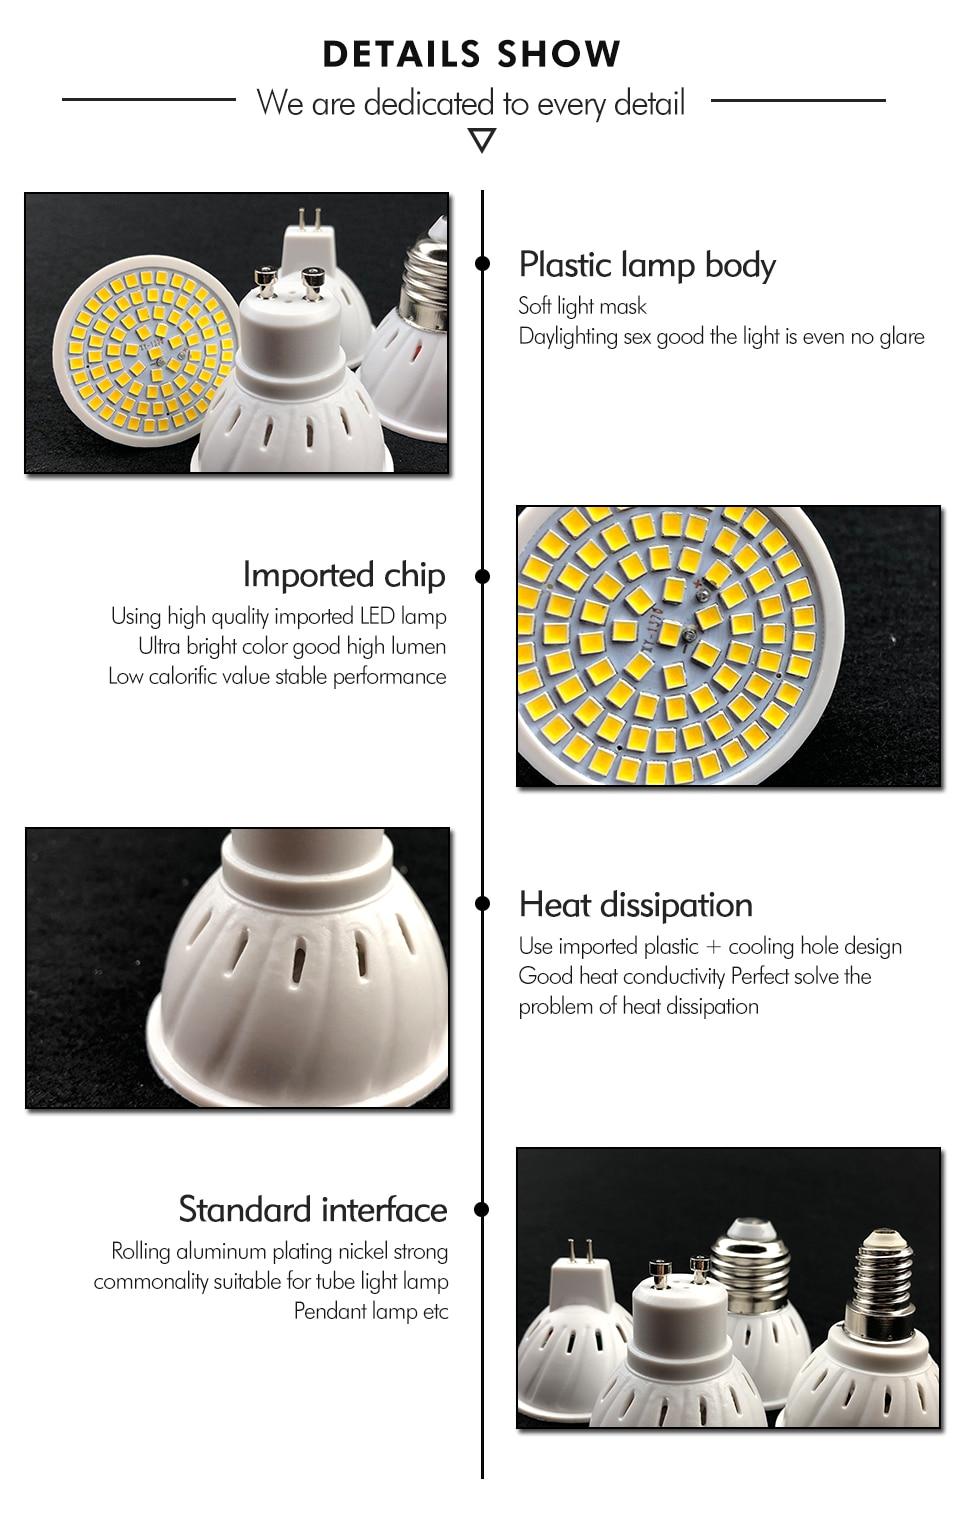 H17701319c455463f9ddd0ebac3e74c82a - KARWEN  Lampada LED Lamp GU10 MR16 E27 E14 Bombillas LED Bulb 220V 240V Spotlight 48 60 80 LED 2835 SMD Lampara Light